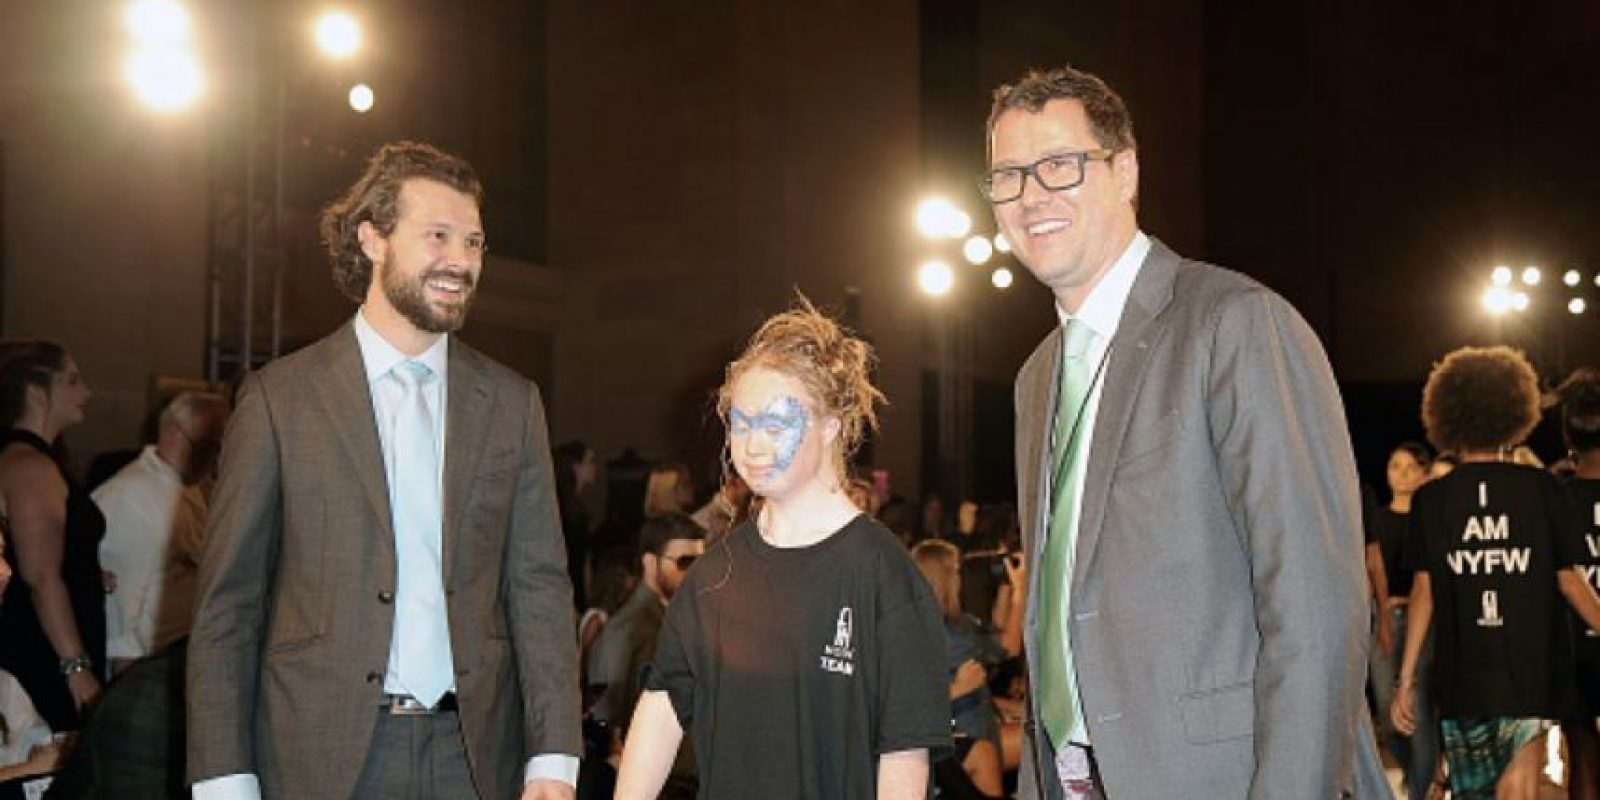 """Ya ha ganado premios como """"Orgullo de Australia"""" o """"El joven australiano del año"""". Pronto recibirá el premio """"Modelo del año Melange 2015"""". Foto:vía Getty Images"""